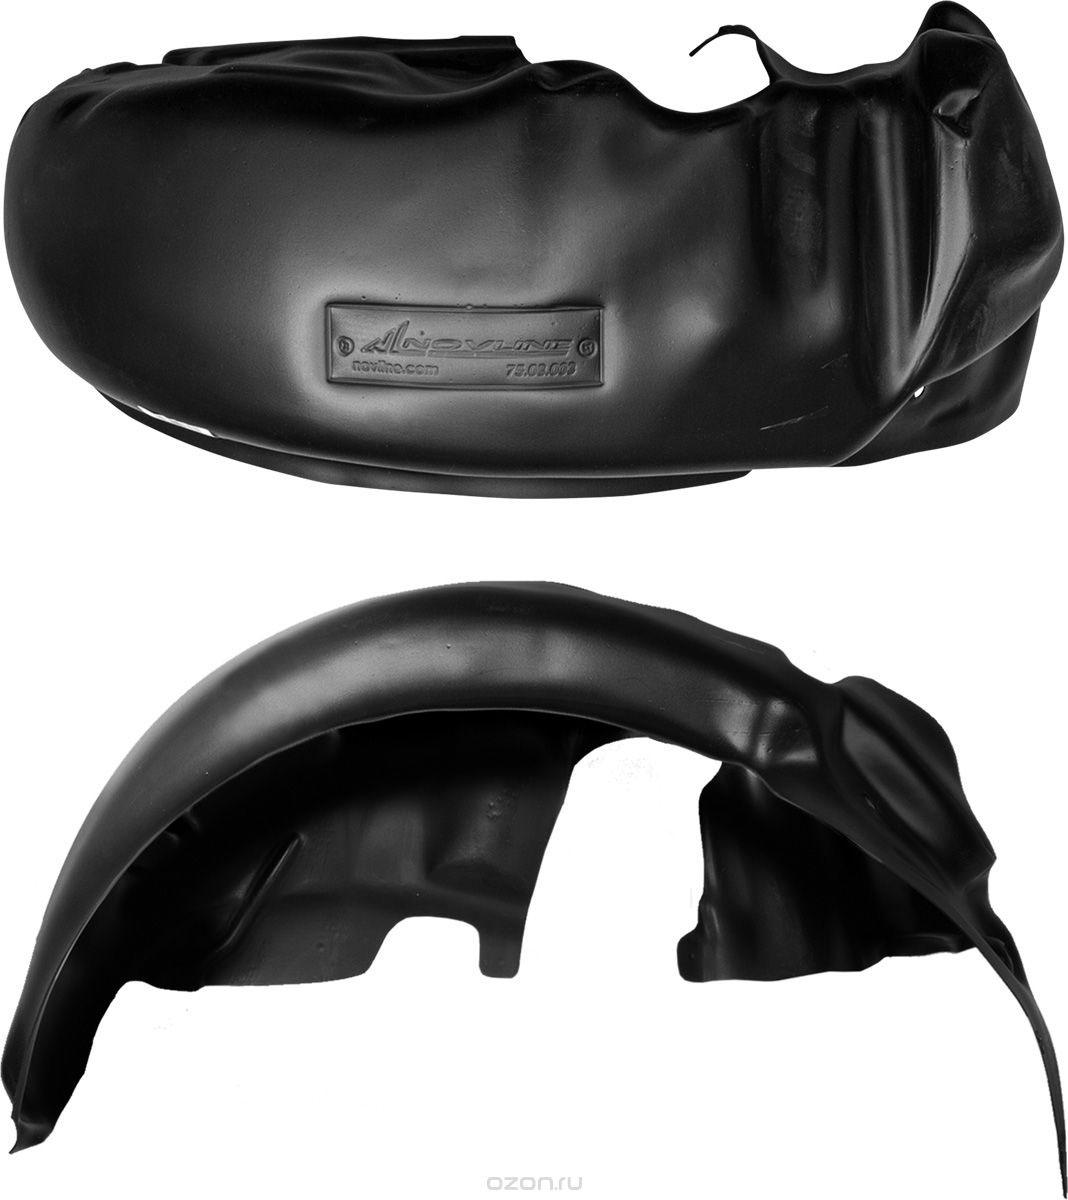 Подкрылок Novline-Autofamily, для Hyundai i30, 2007-2011, задний правыйNLL.20.28.004Идеальная защита колесной ниши. Локеры разработаны с применением цифровых технологий, гарантируют максимальную повторяемость поверхности арки. Изделия устанавливаются без нарушения лакокрасочного покрытия автомобиля, каждый подкрылок комплектуется крепежом. Уважаемые клиенты, обращаем ваше внимание, что фотографии на подкрылки универсальные и не отражают реальную форму изделия. При этом само изделие идет точно под размер указанного автомобиля.